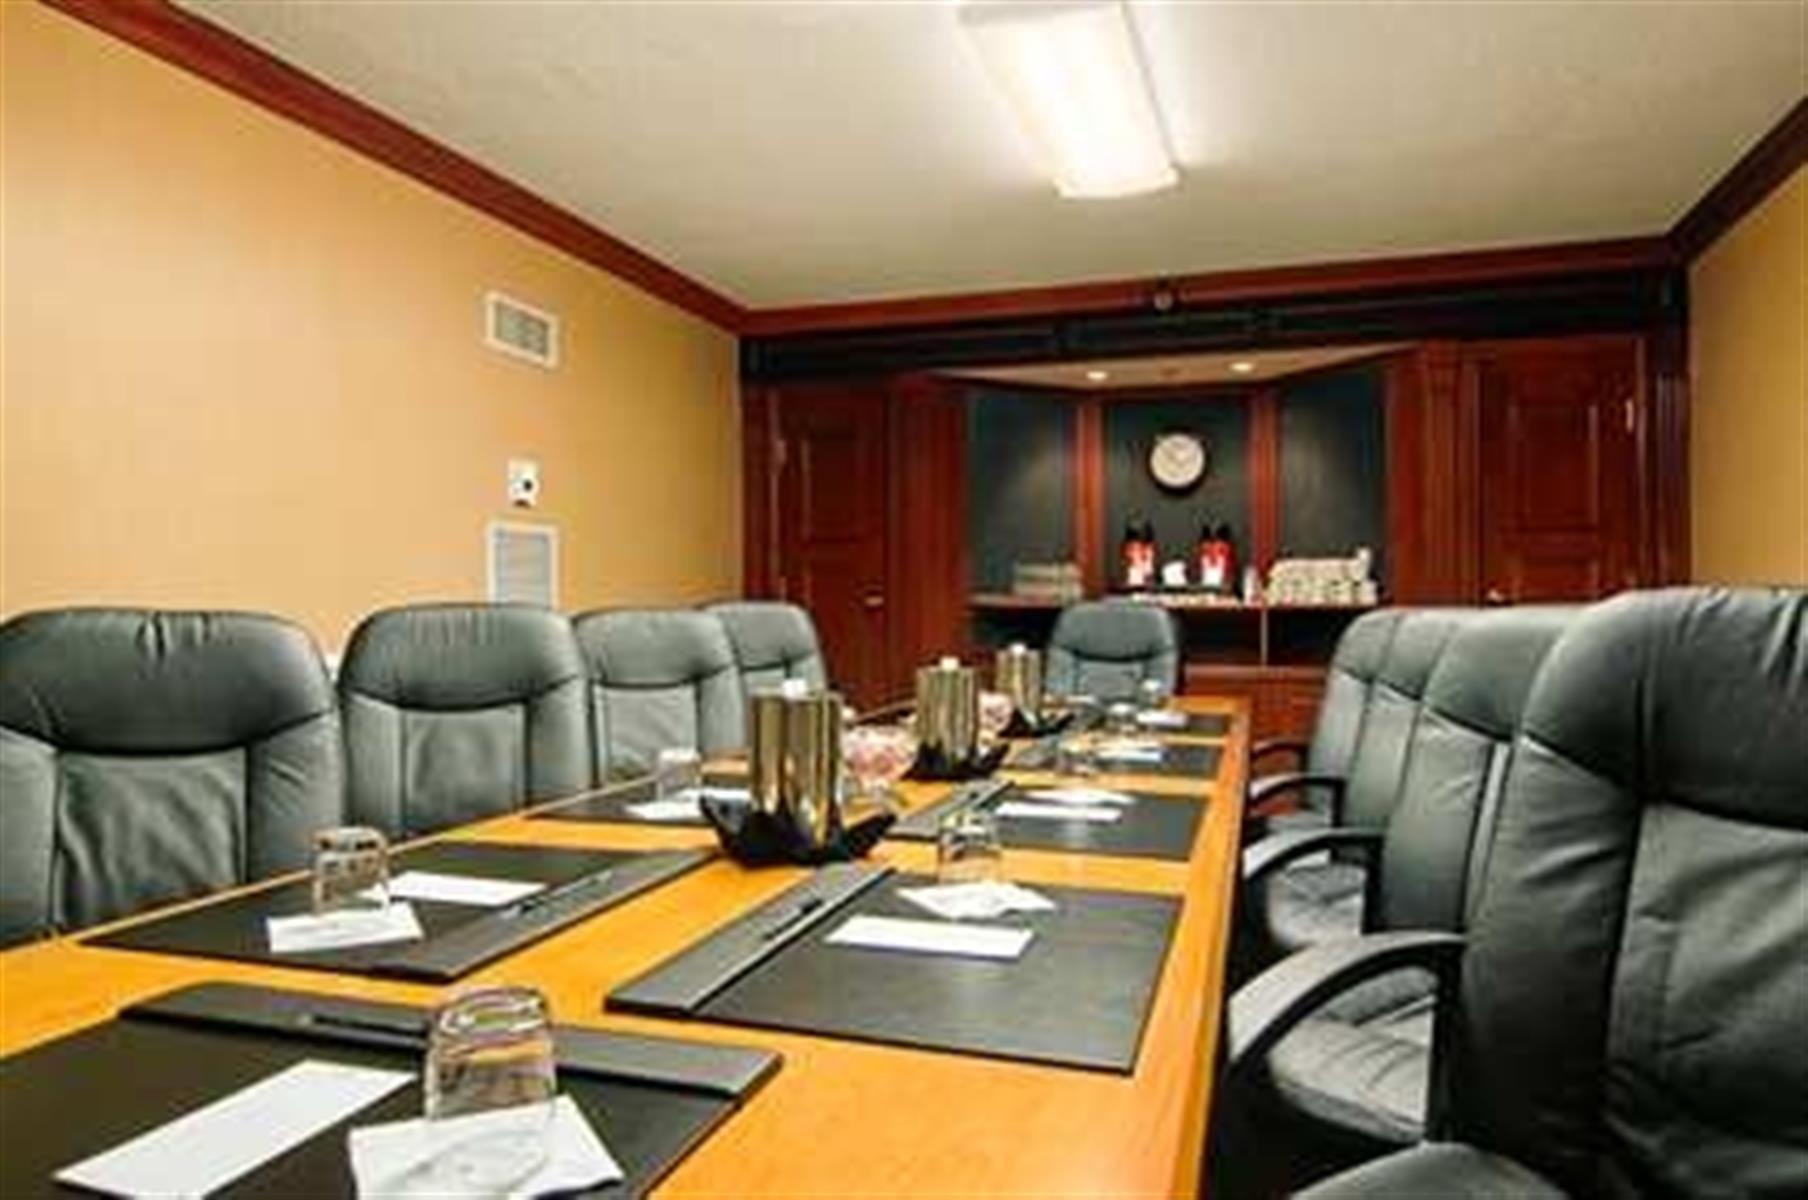 Hilton Brentwood/Nashville Suites - Conference Suite 319